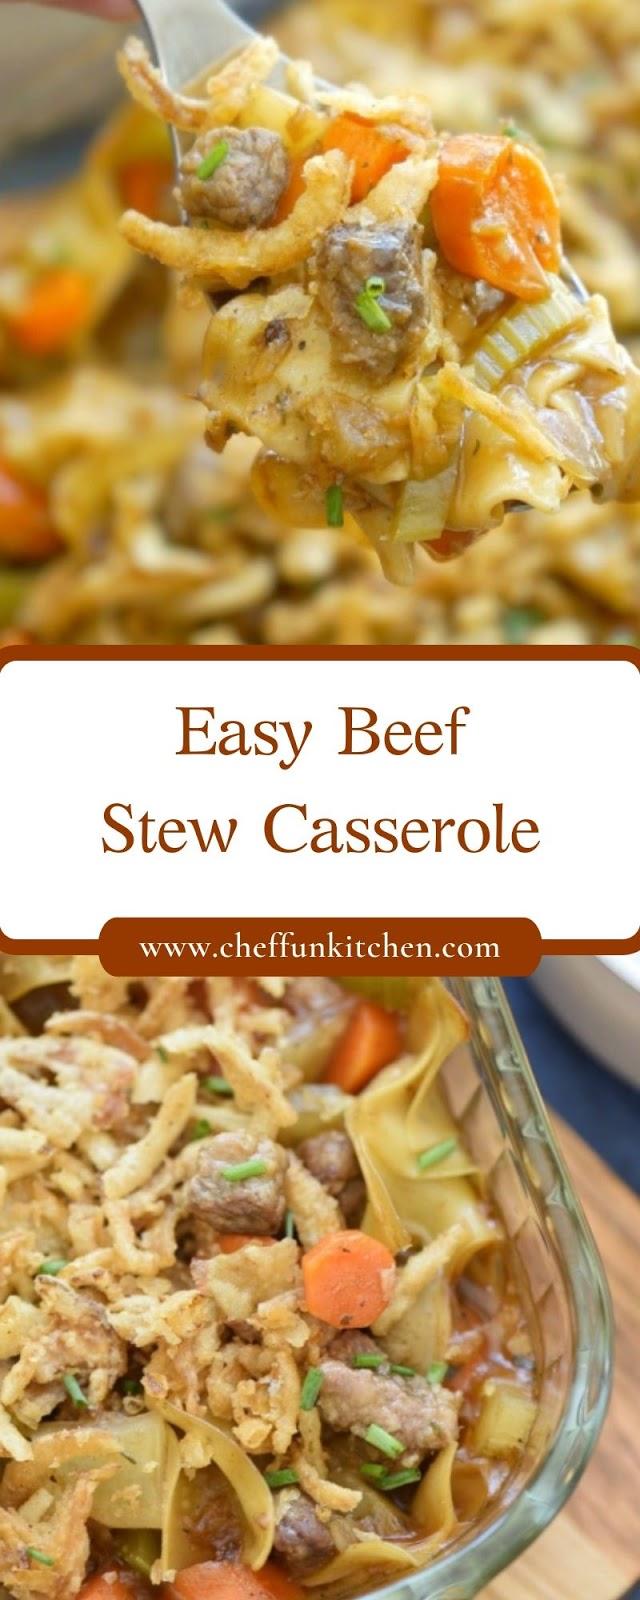 Easy Beef Stew Casserole